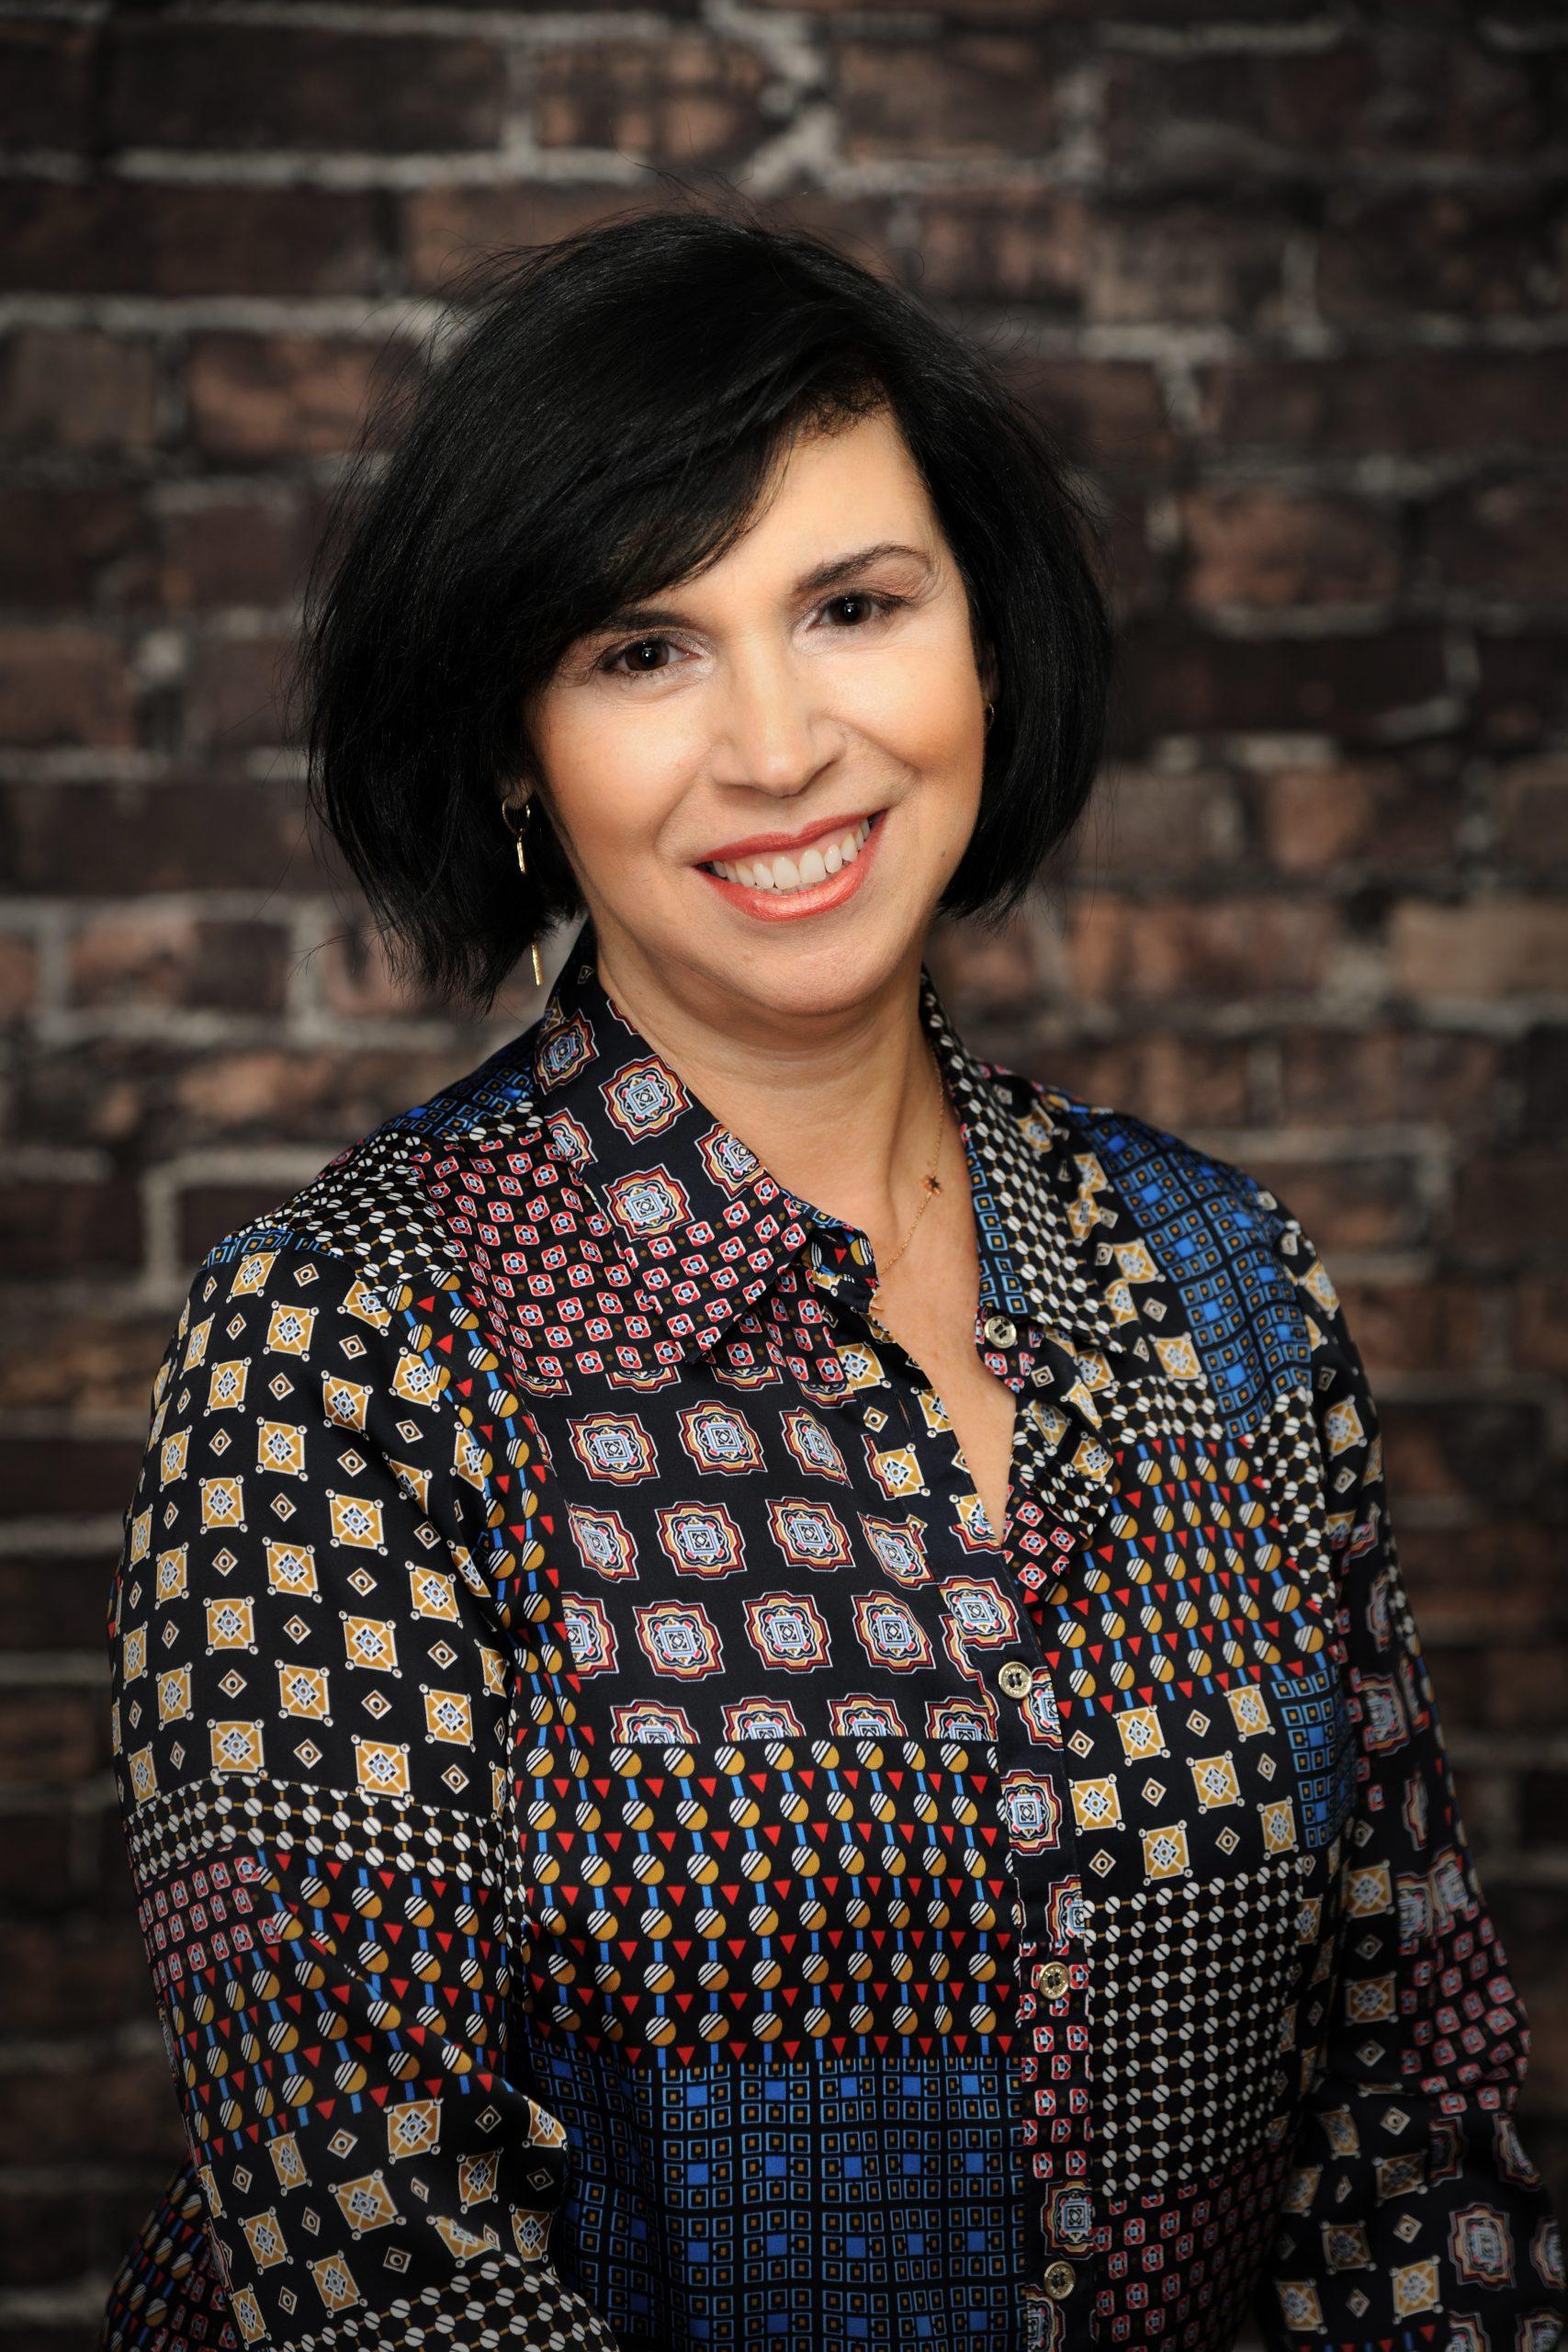 Alumni Spotlight: Meet Lisa Anzisi!